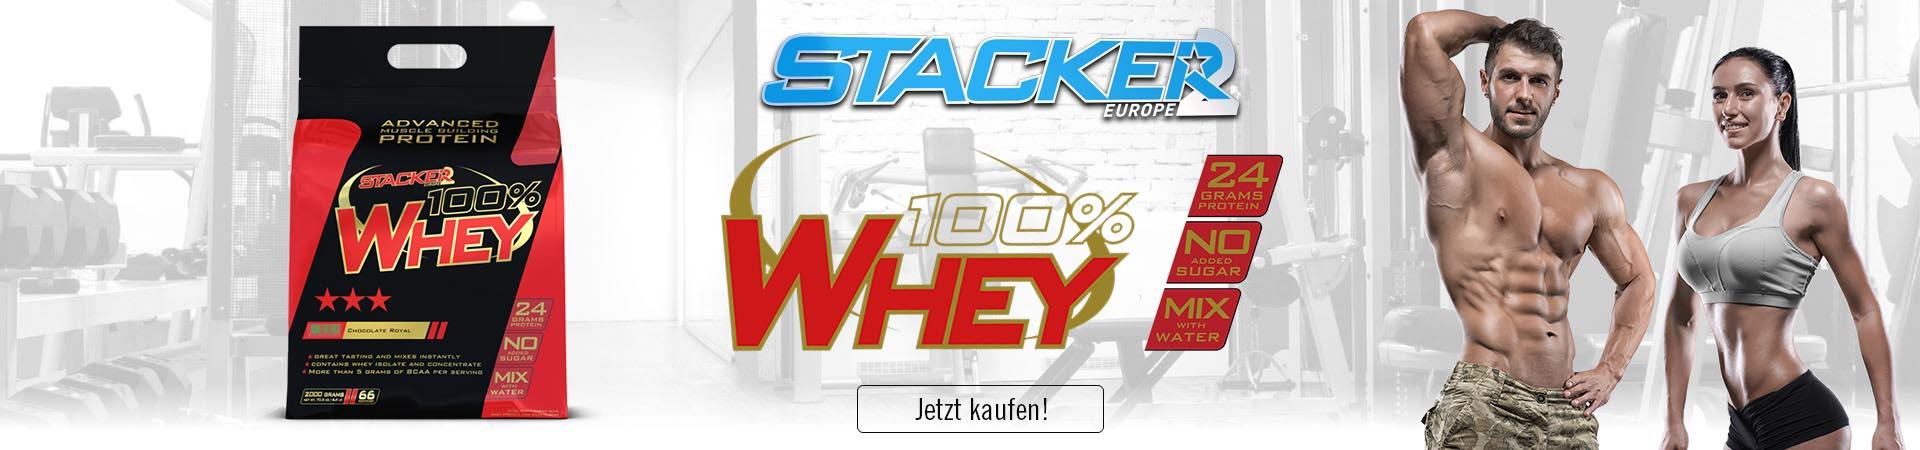 Stacker 2 100% Whey ...